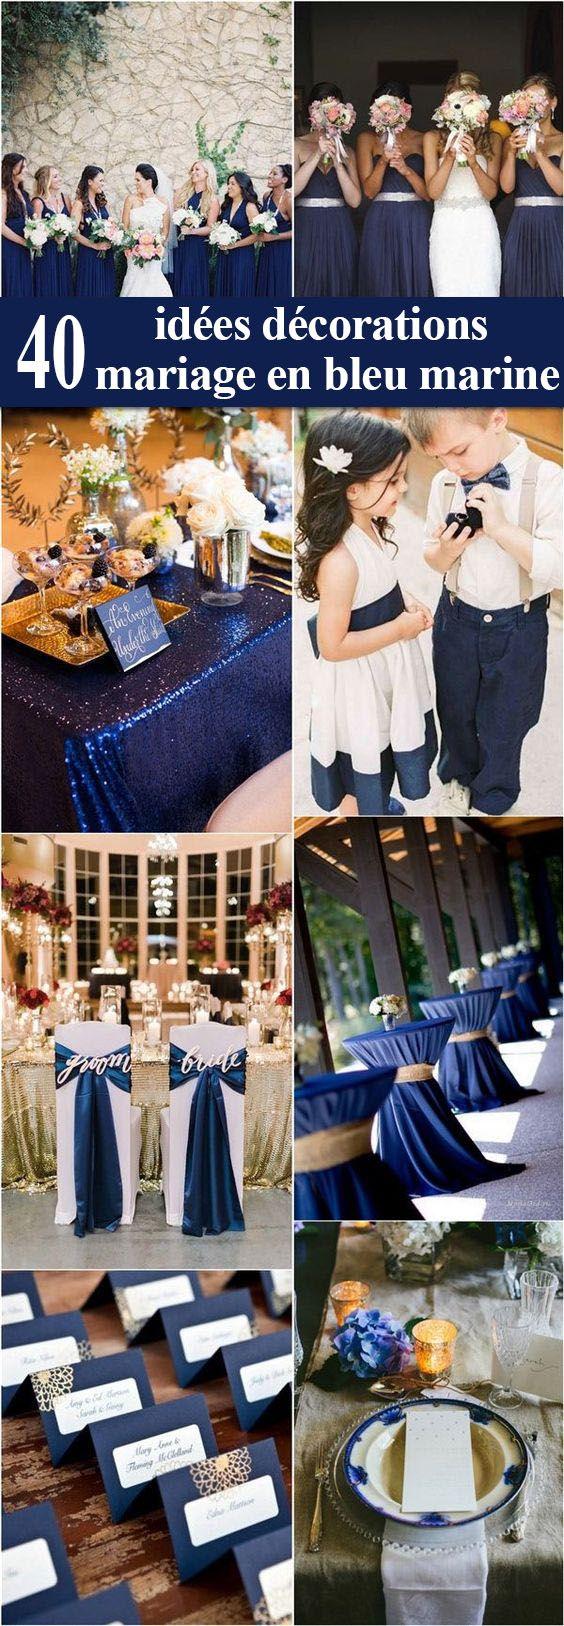 Les deux couleurs bleu marine et le blanc est un arrangement de couleur très élégant pour un mariage, on peut les utiliser pour lesnappes, coureurs [...]